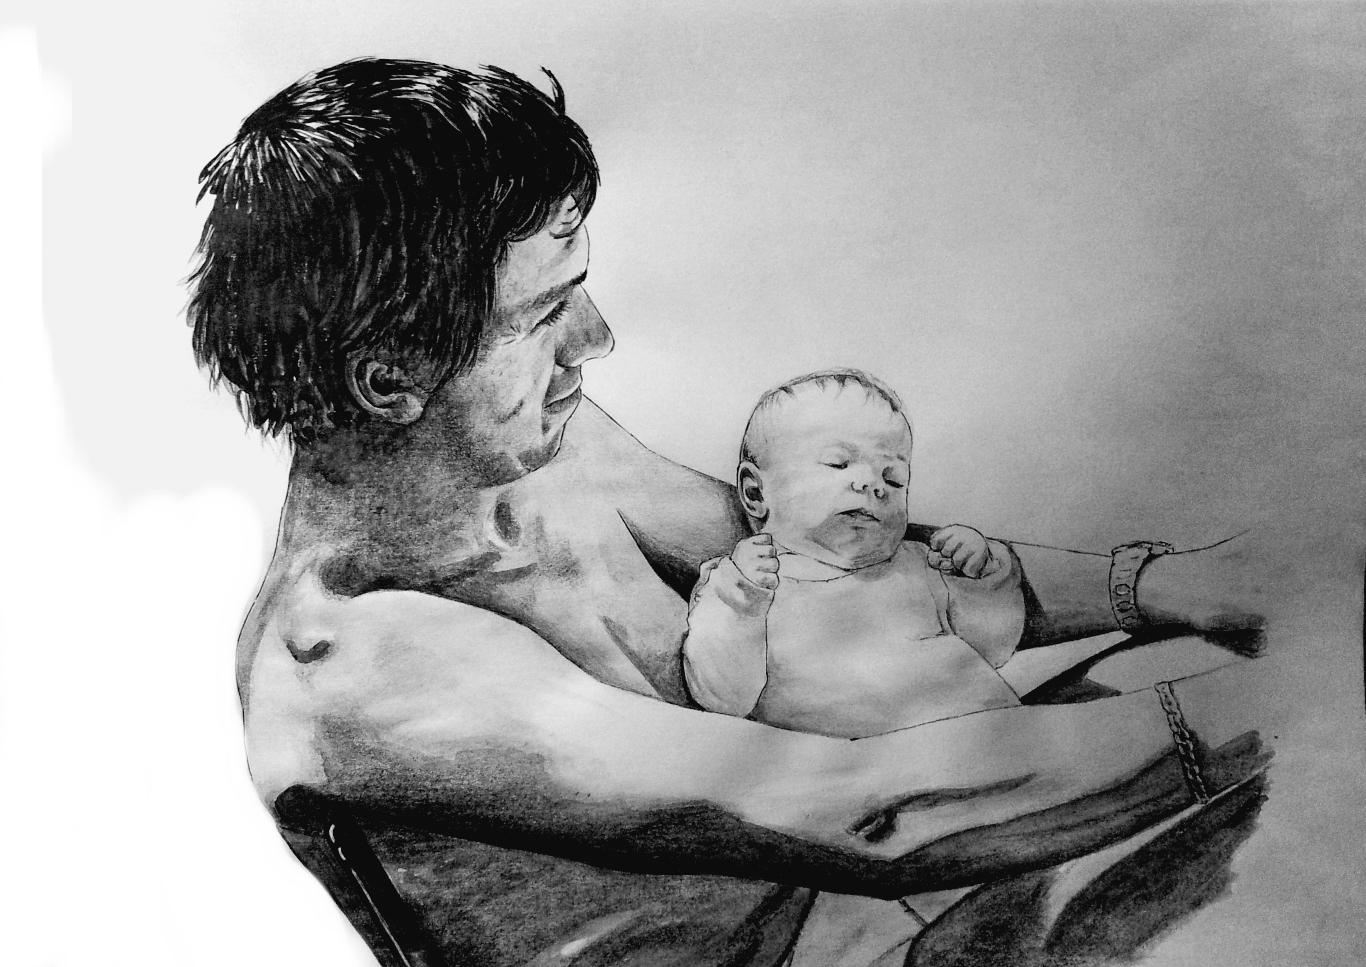 Père à l'enfant